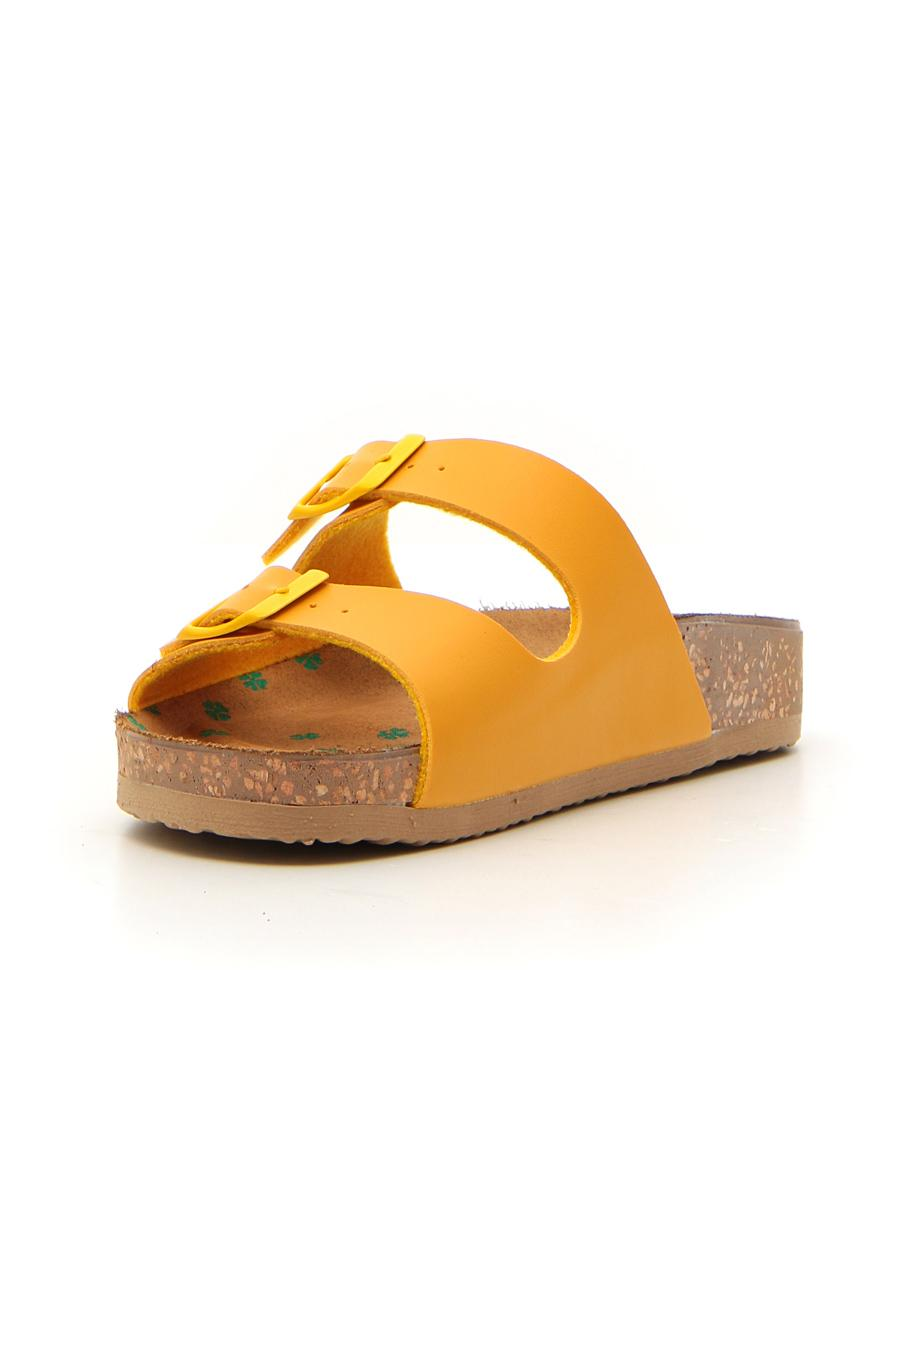 CIABATTE STILL BLU 257206 donna giallo | Pittarello